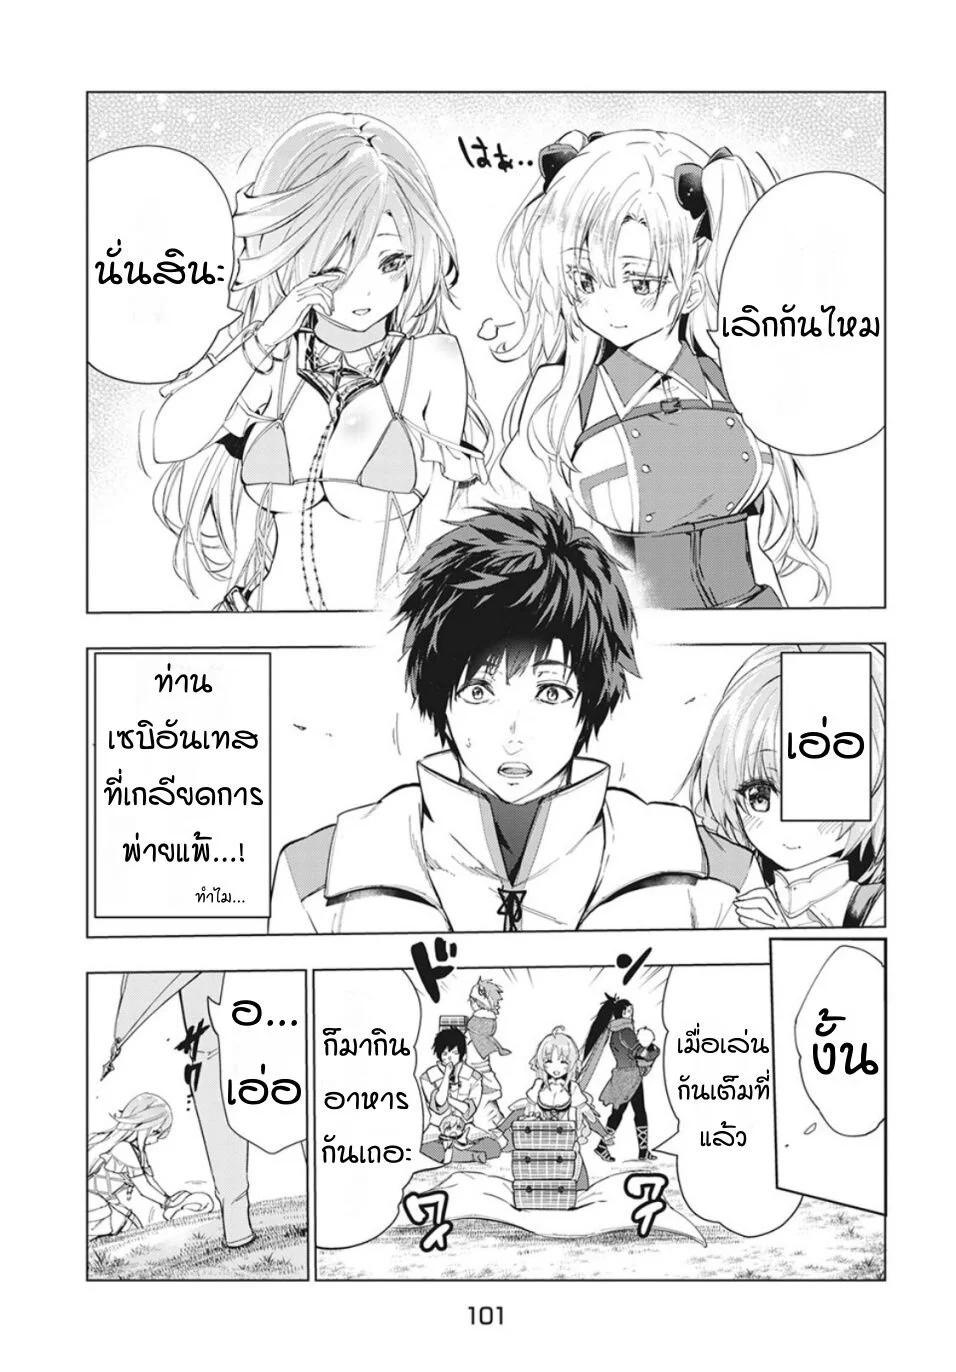 อ่านการ์ตูน Kaiko sareta Ankoku Heishi (30-dai) no Slow na Second ตอนที่ 20 หน้าที่ 18